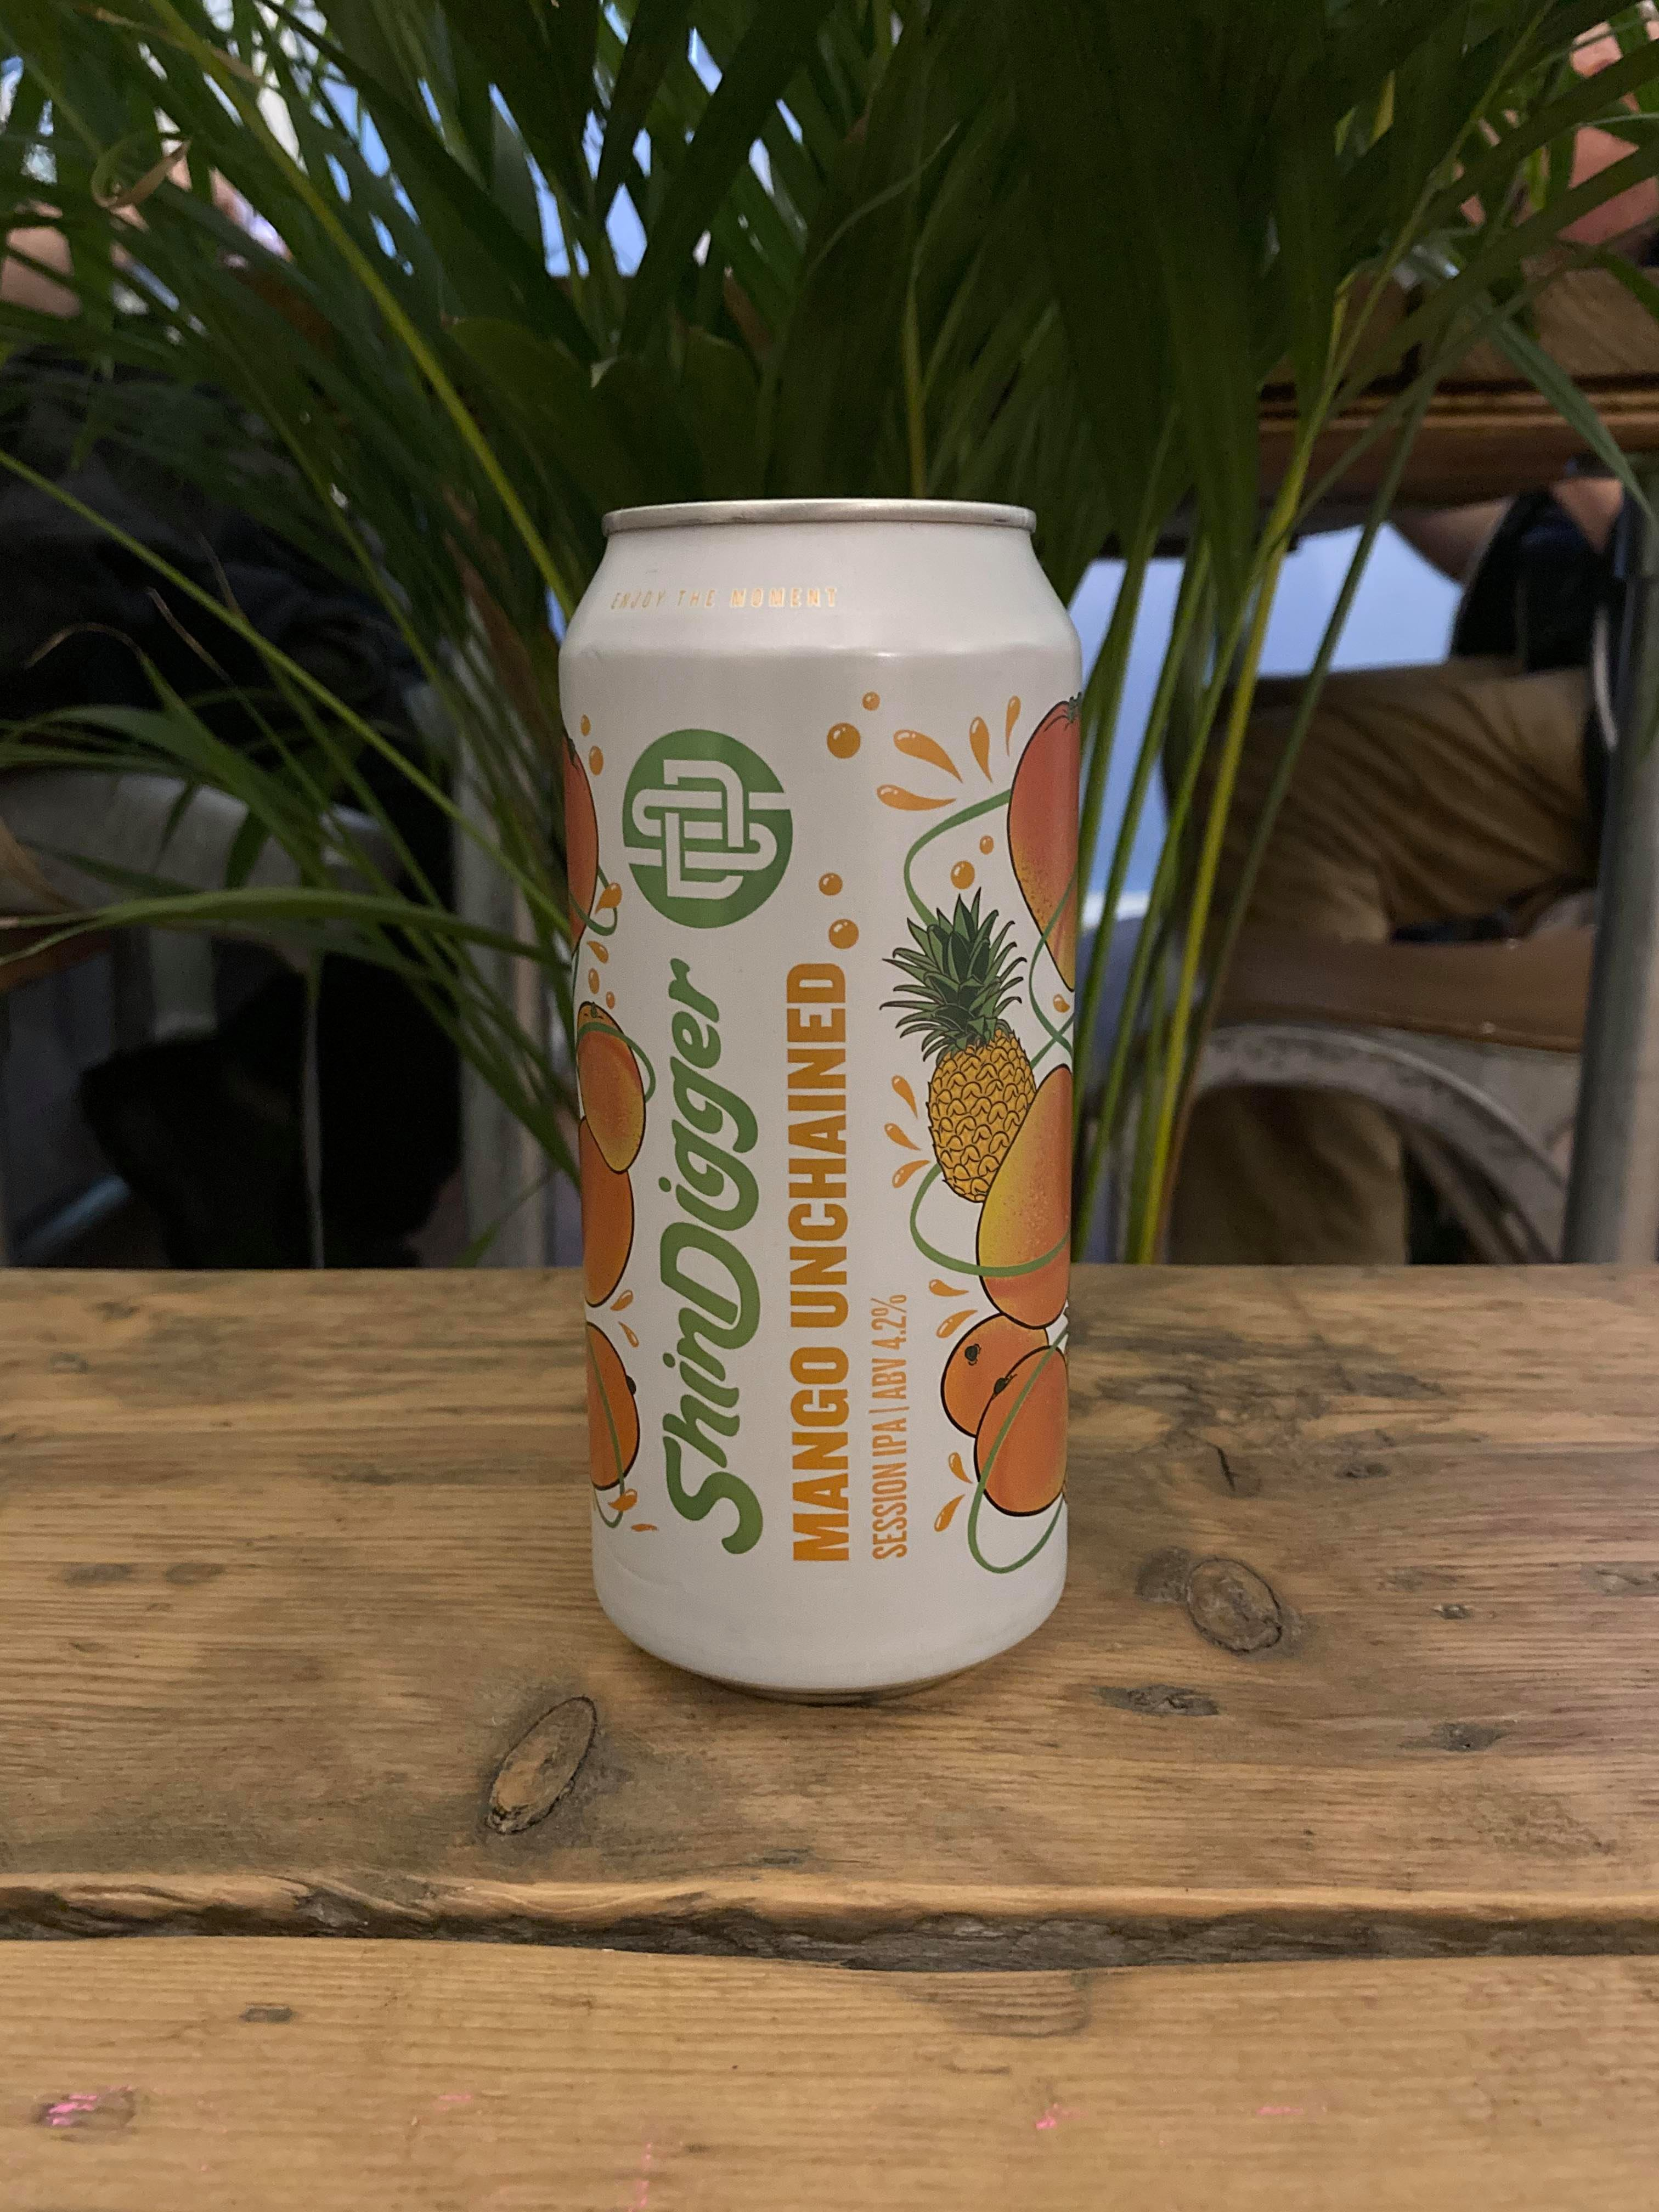 Shindigger - Mango Unchained 4.2%